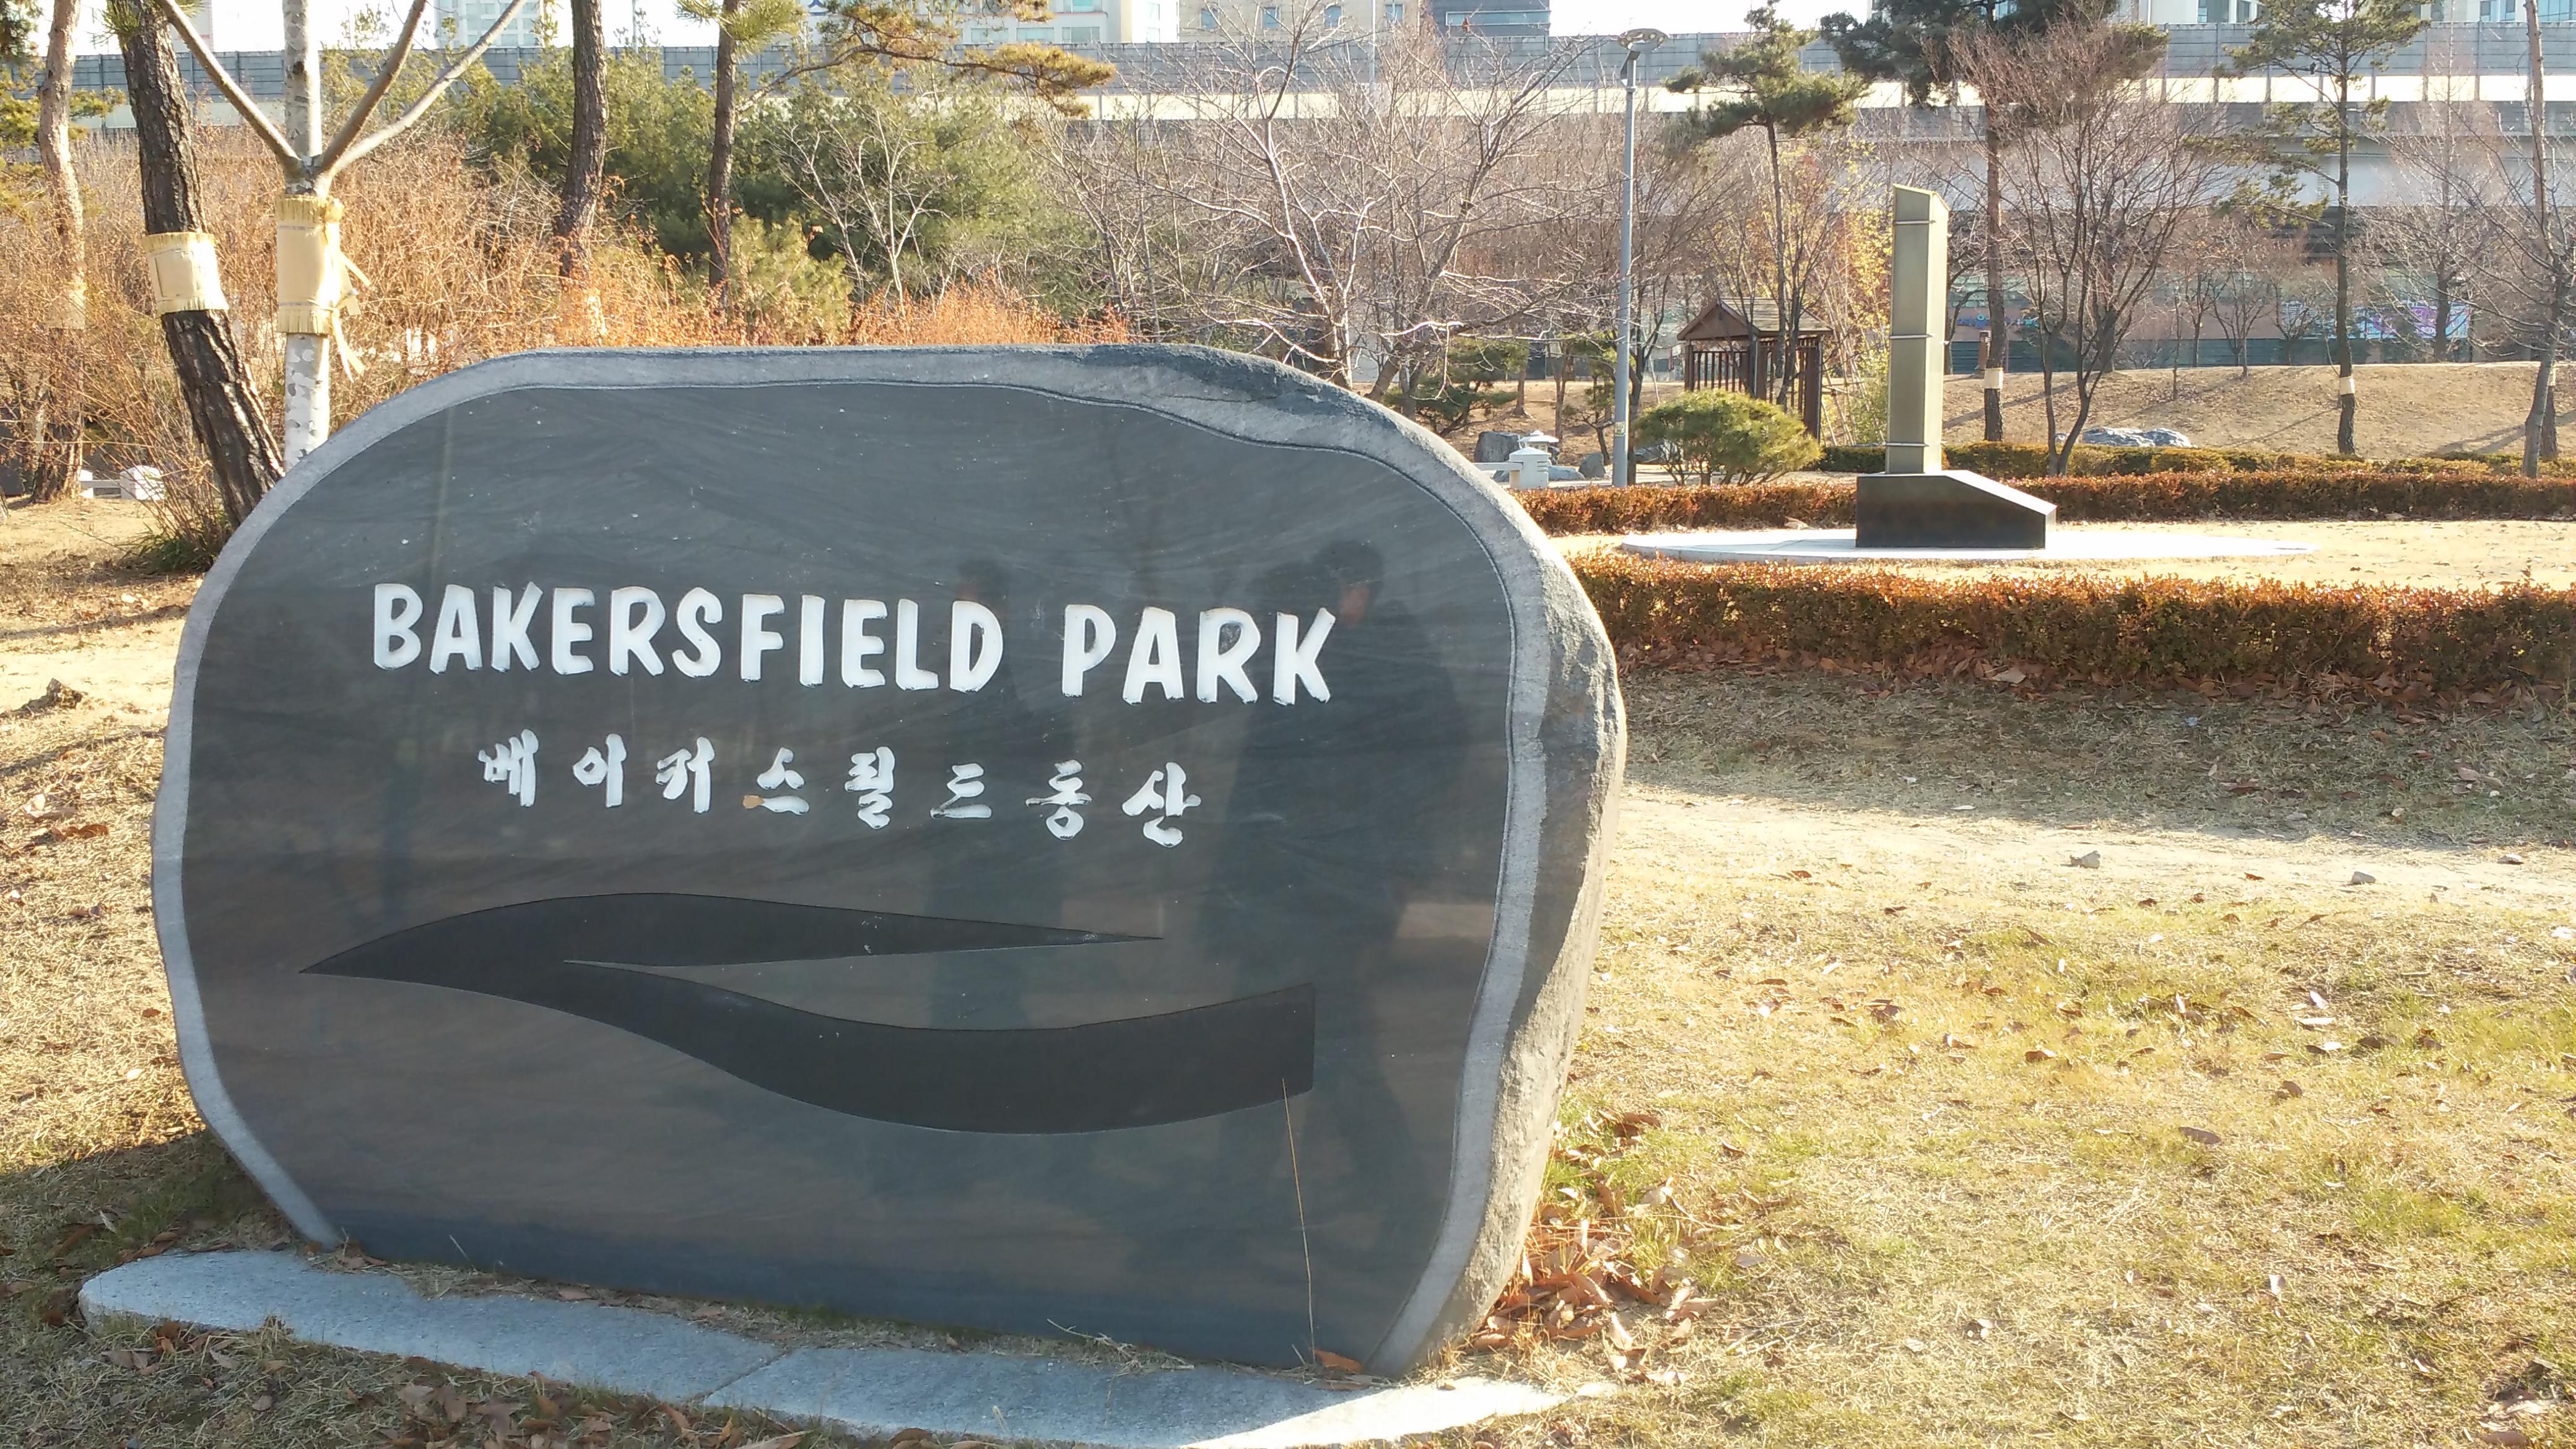 Bakersfield Park